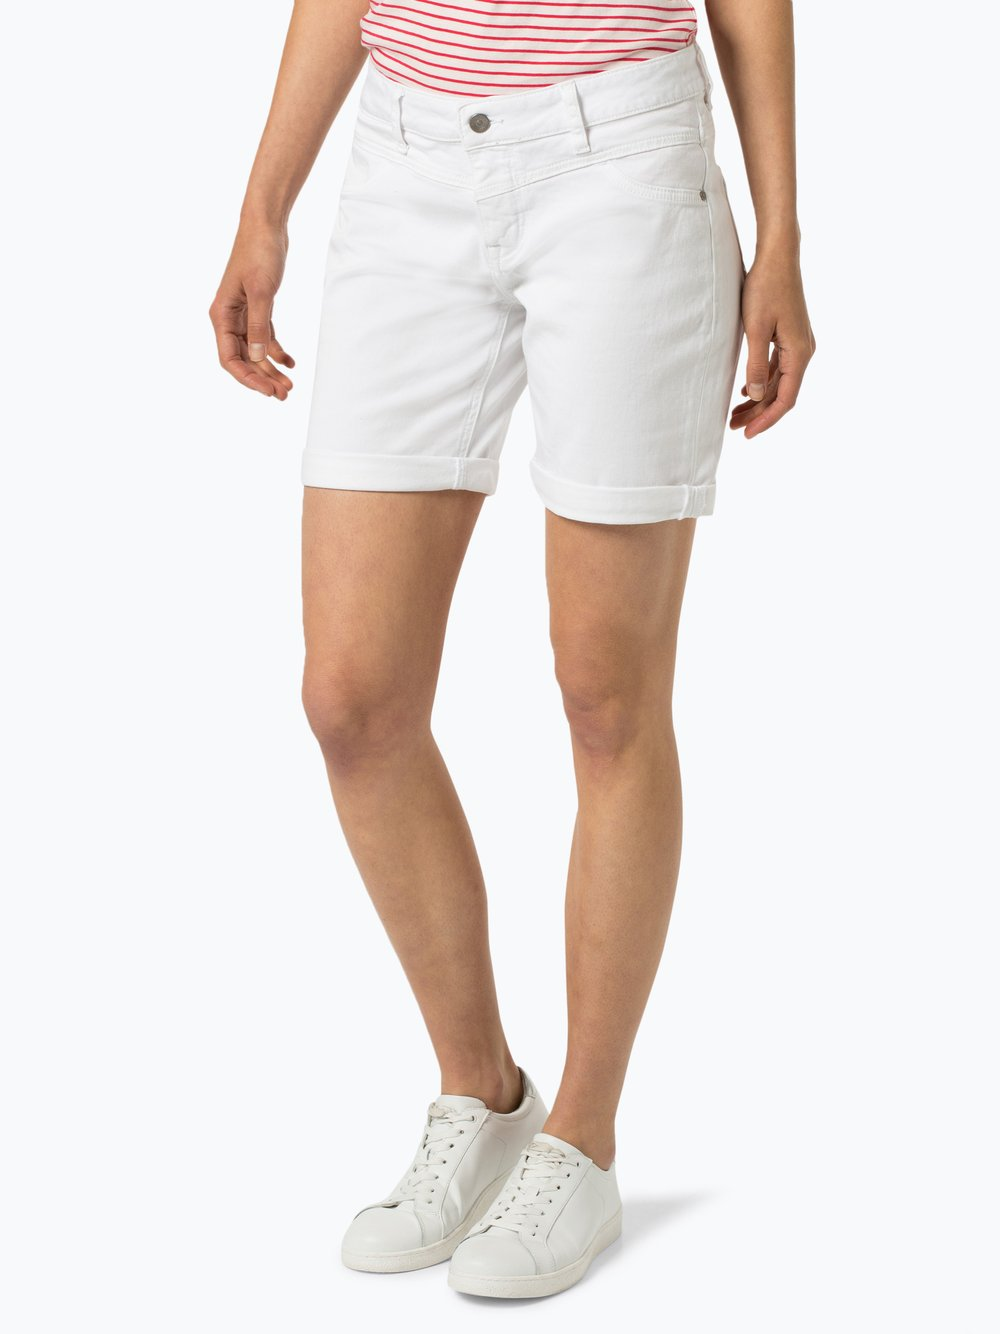 Mustang - Damskie krótkie spodenki jeansowe, biały